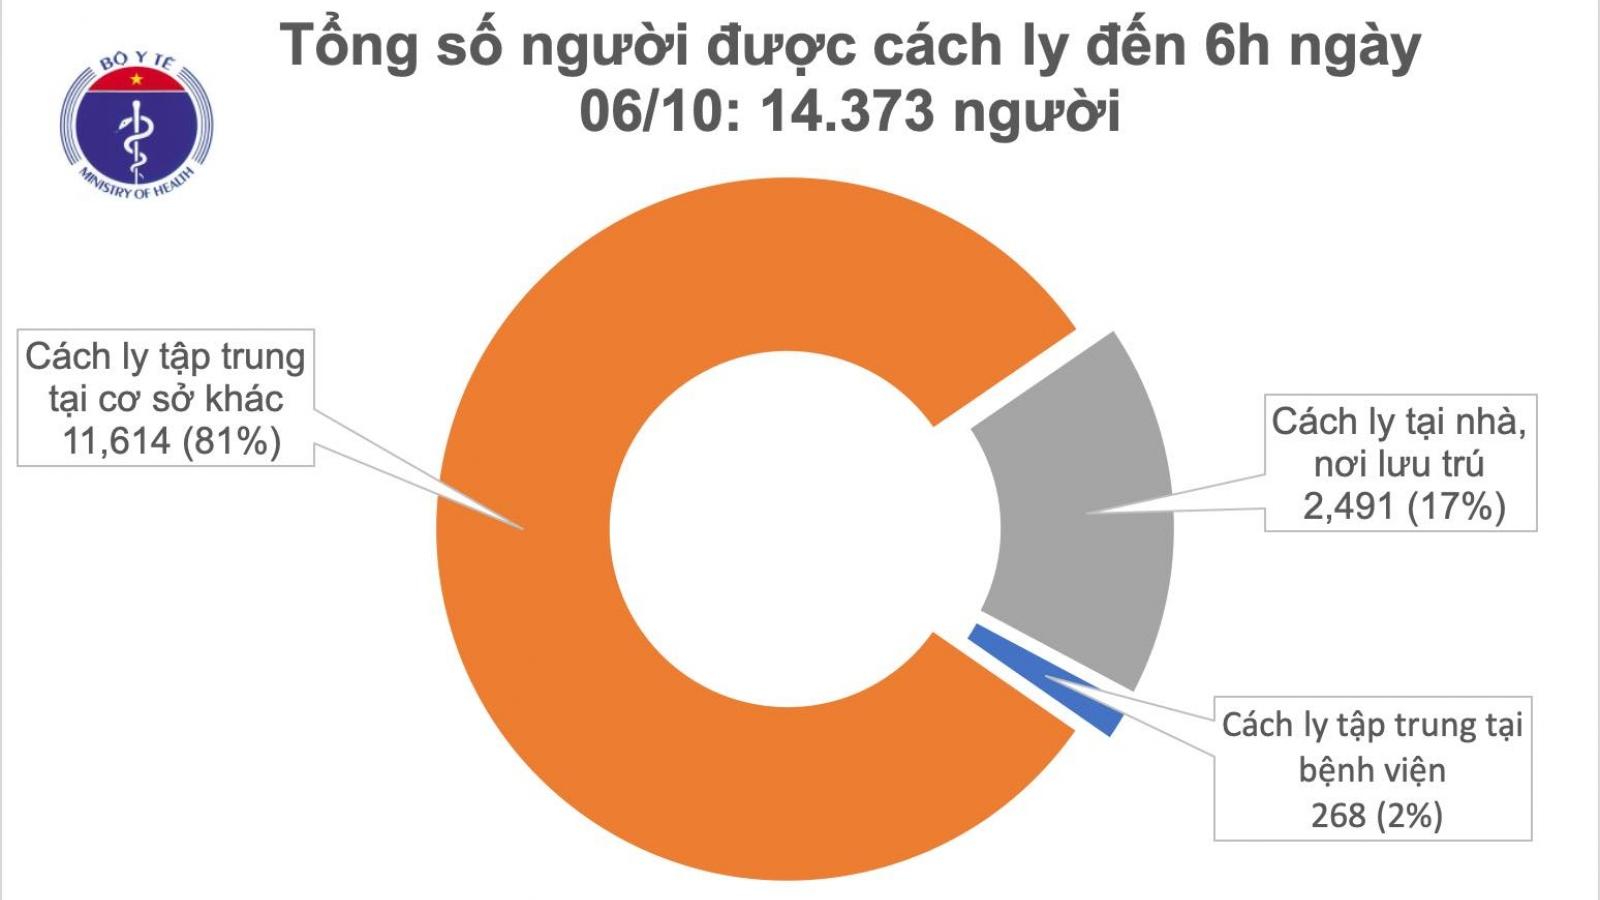 Đến sáng 6/10, Việt Nam có 1.097 ca COVID-19